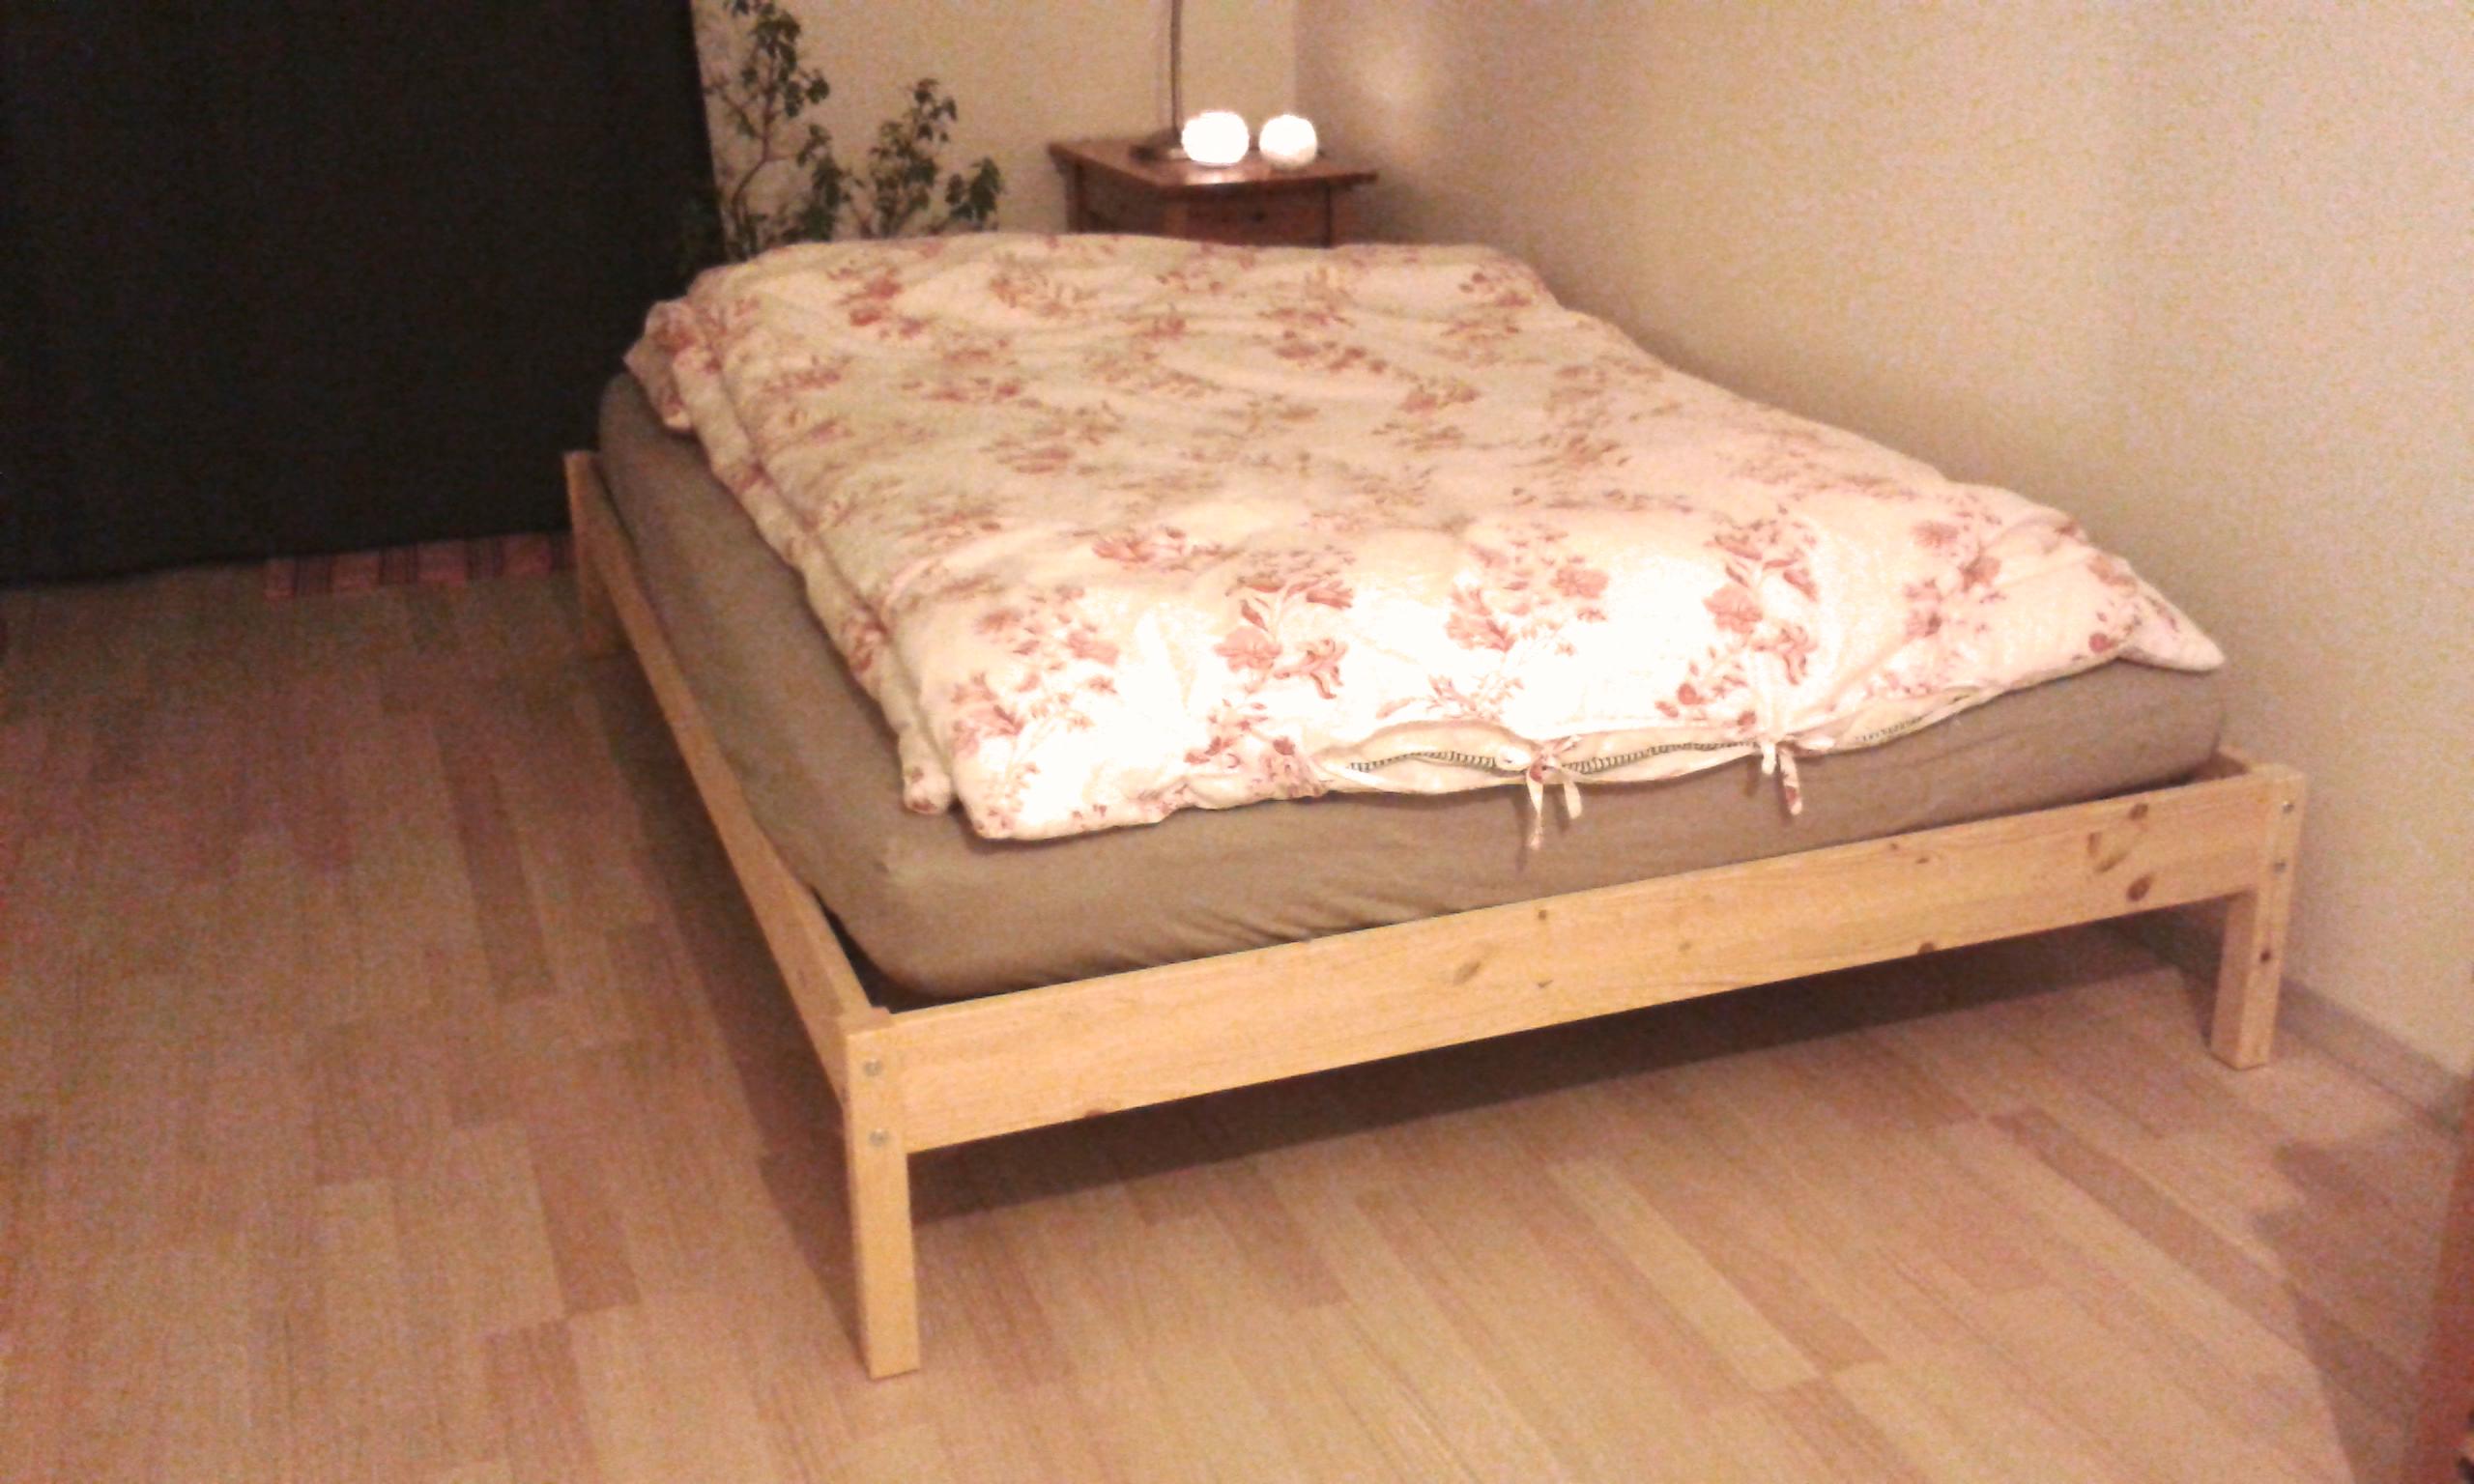 Ikea Futonbetten ikea futon bett hack tarva kopfteil köpfung diy schlicht bett